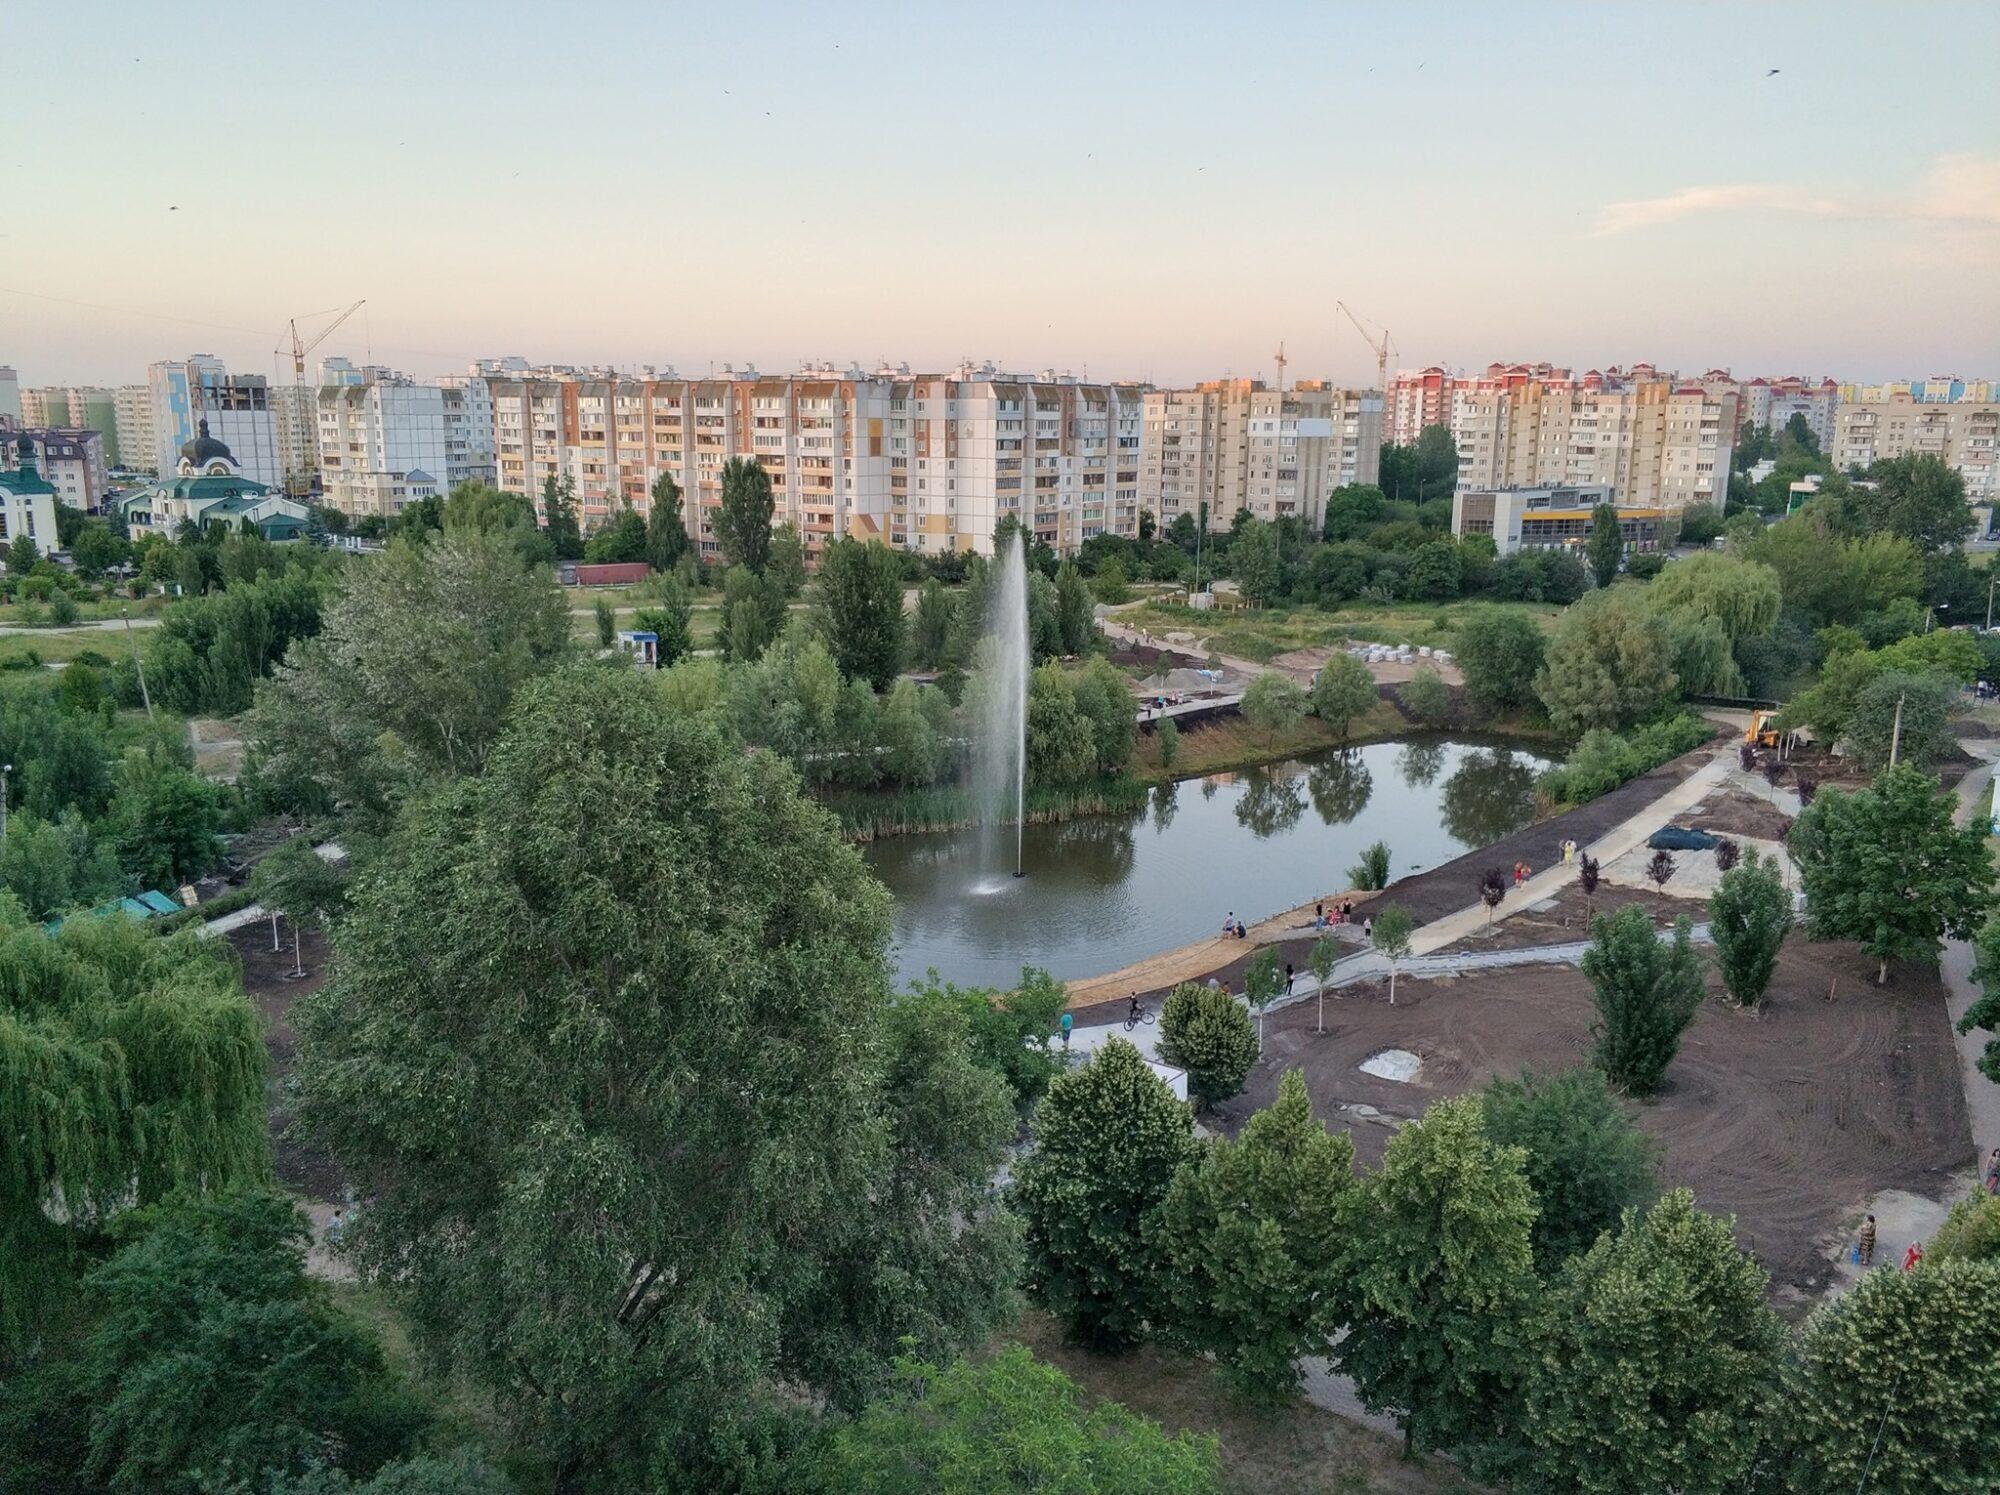 У Вишневому побудують Палац культури за 116 млн гривень - Палац культури Вишневе, ОТГ, заклад - vodojma Vyshneve 2000x1495